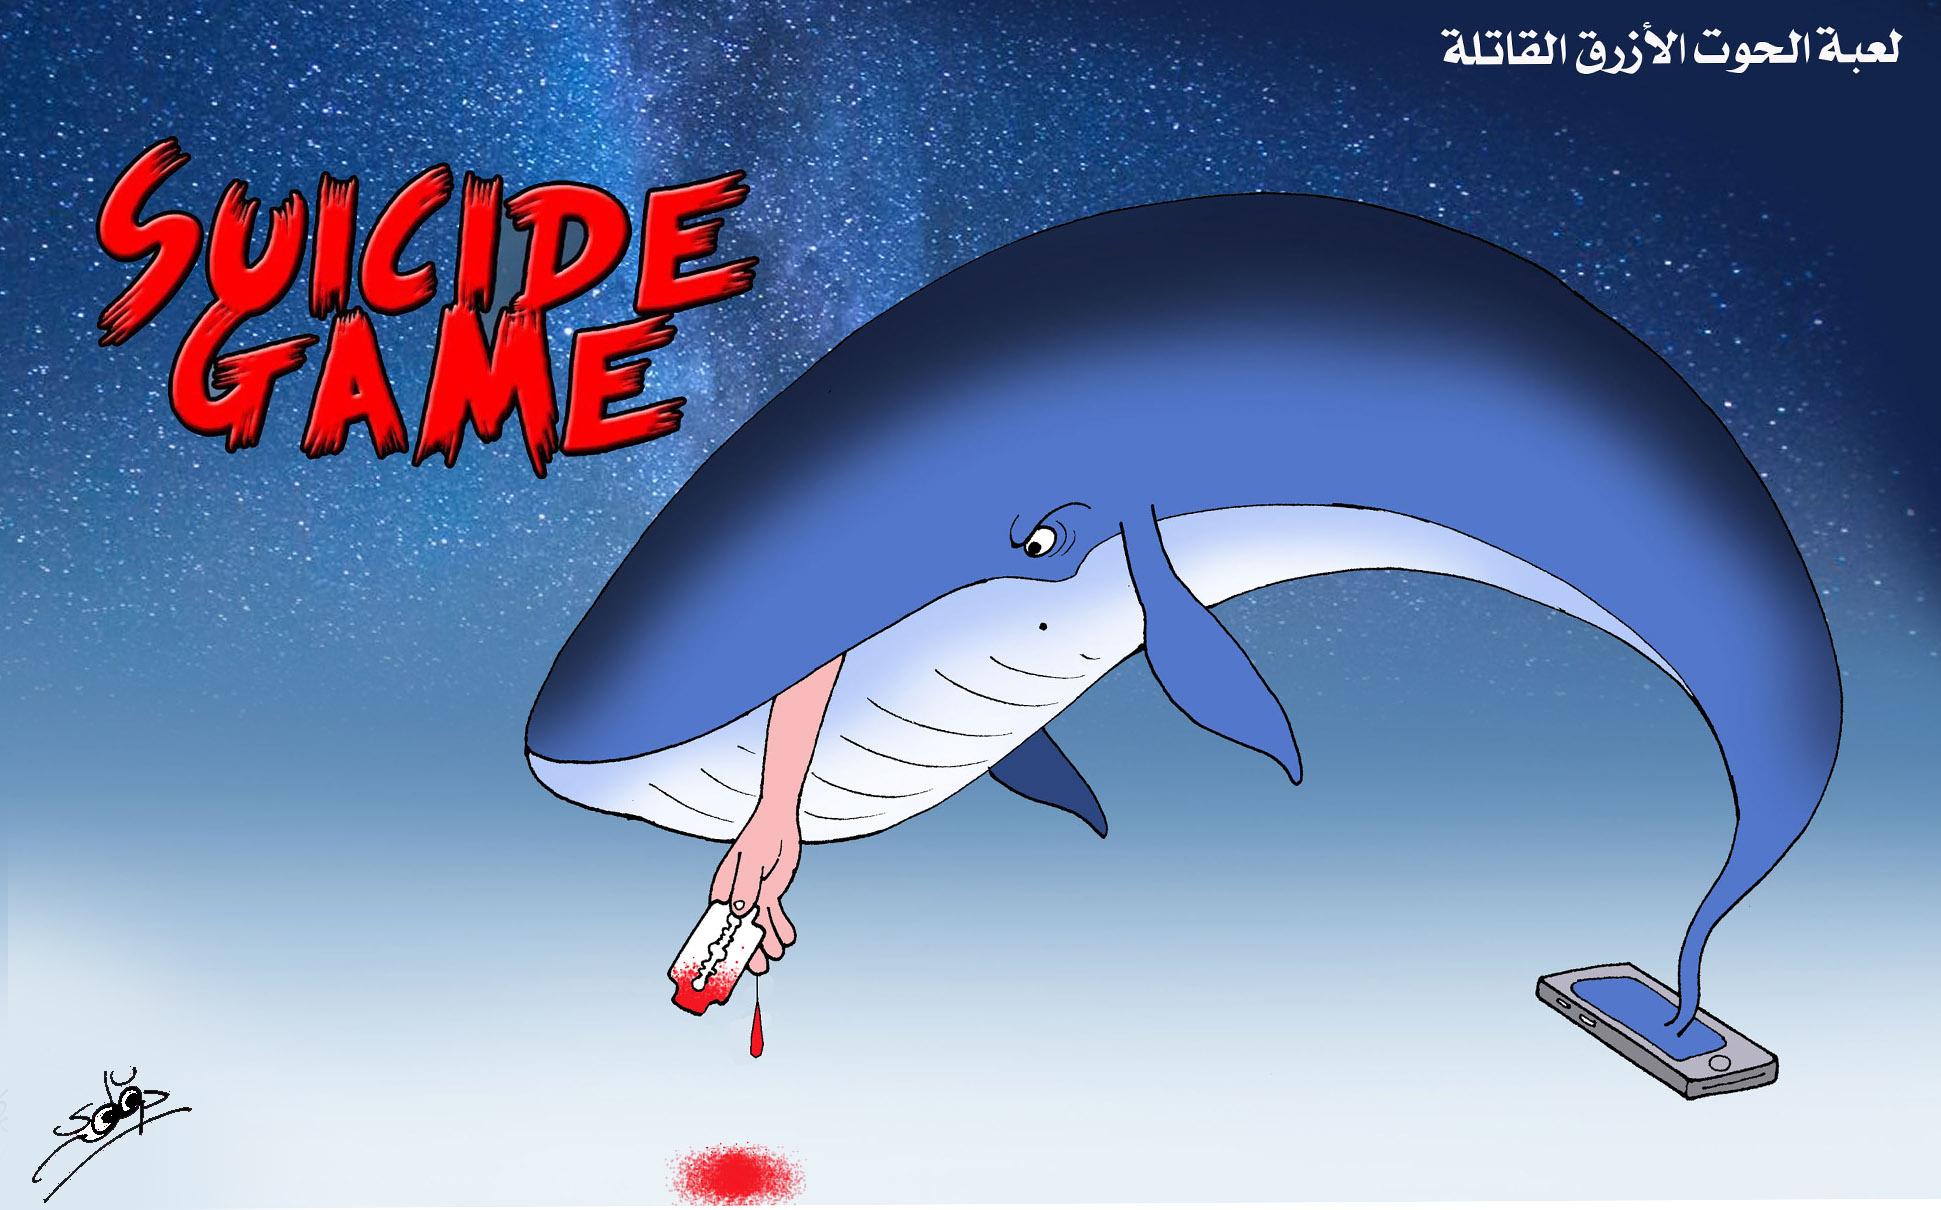 لعبة الحوت الازرق القاتلة